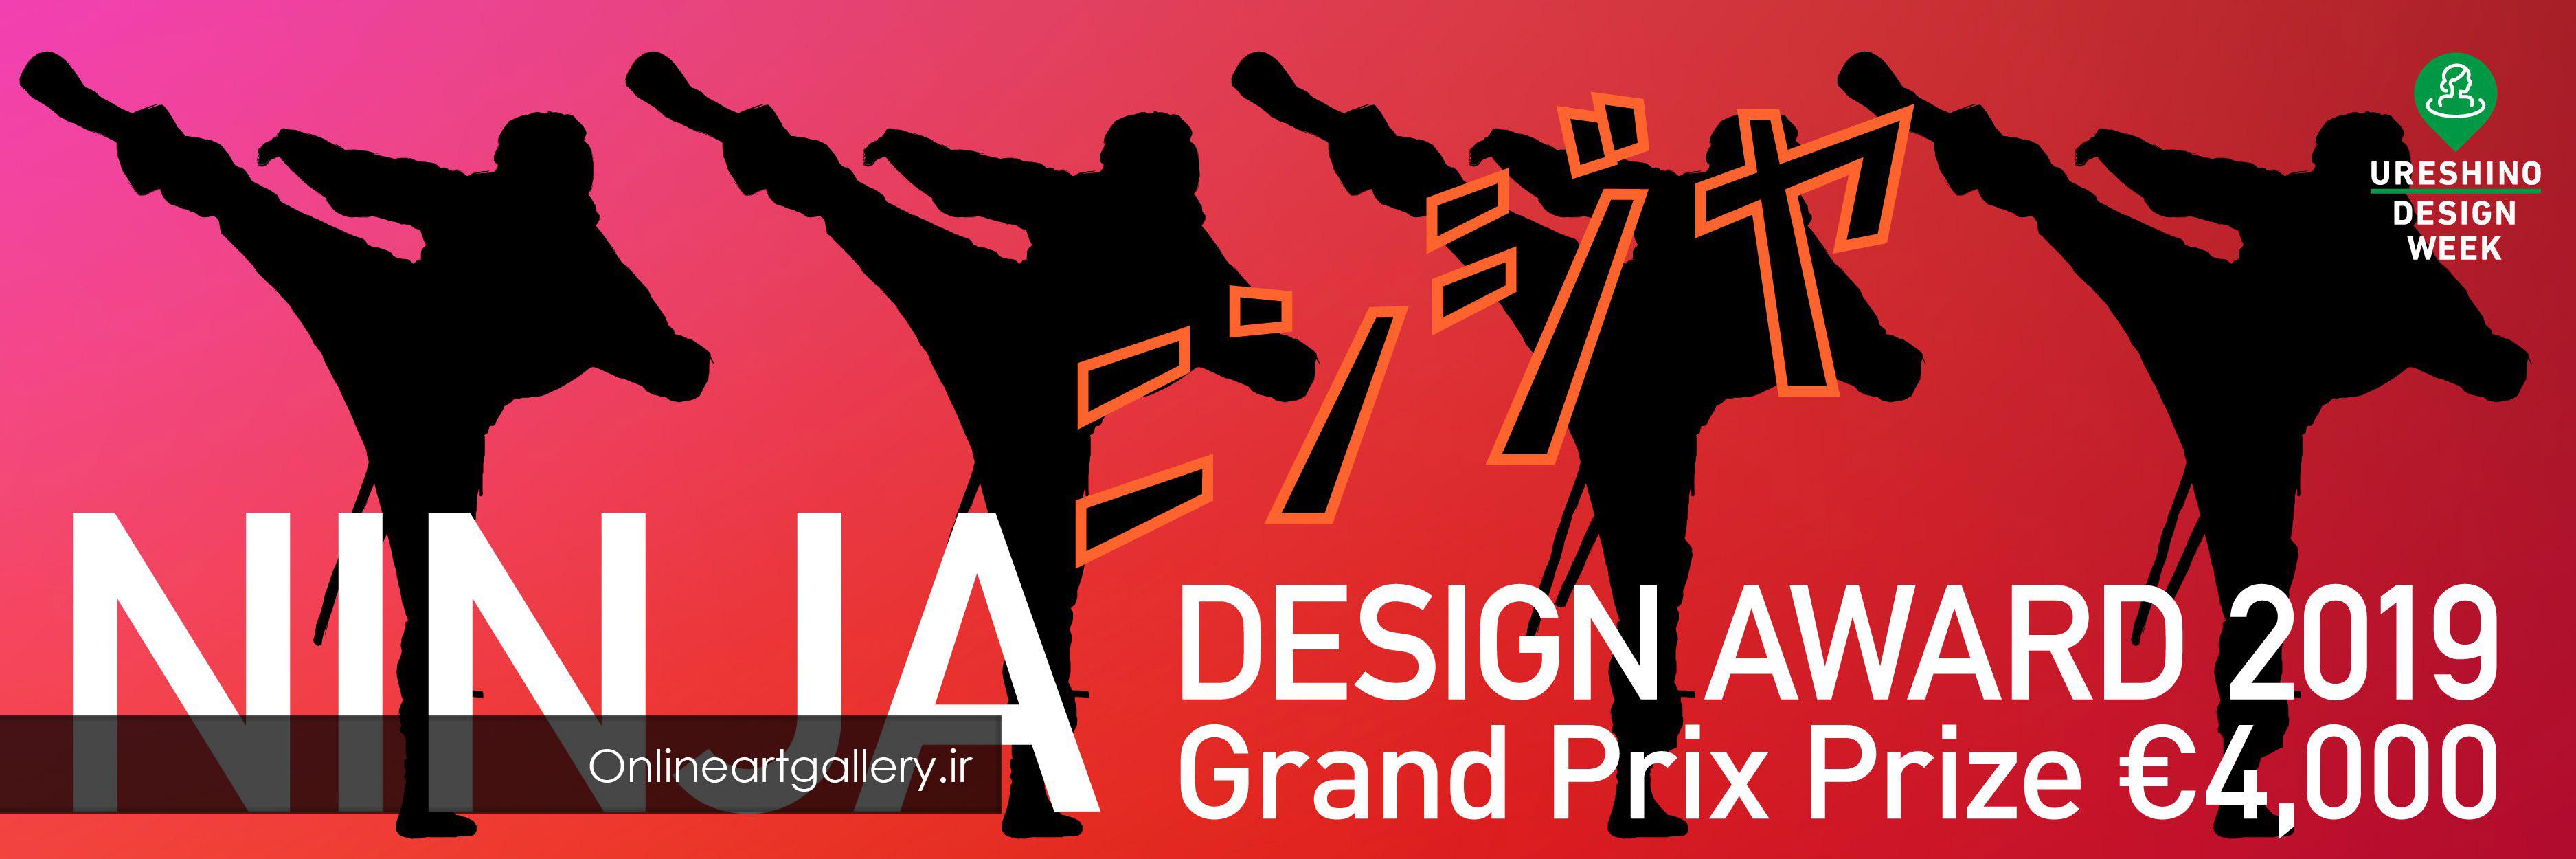 فراخوان جایزه Ninja Design سال 2019